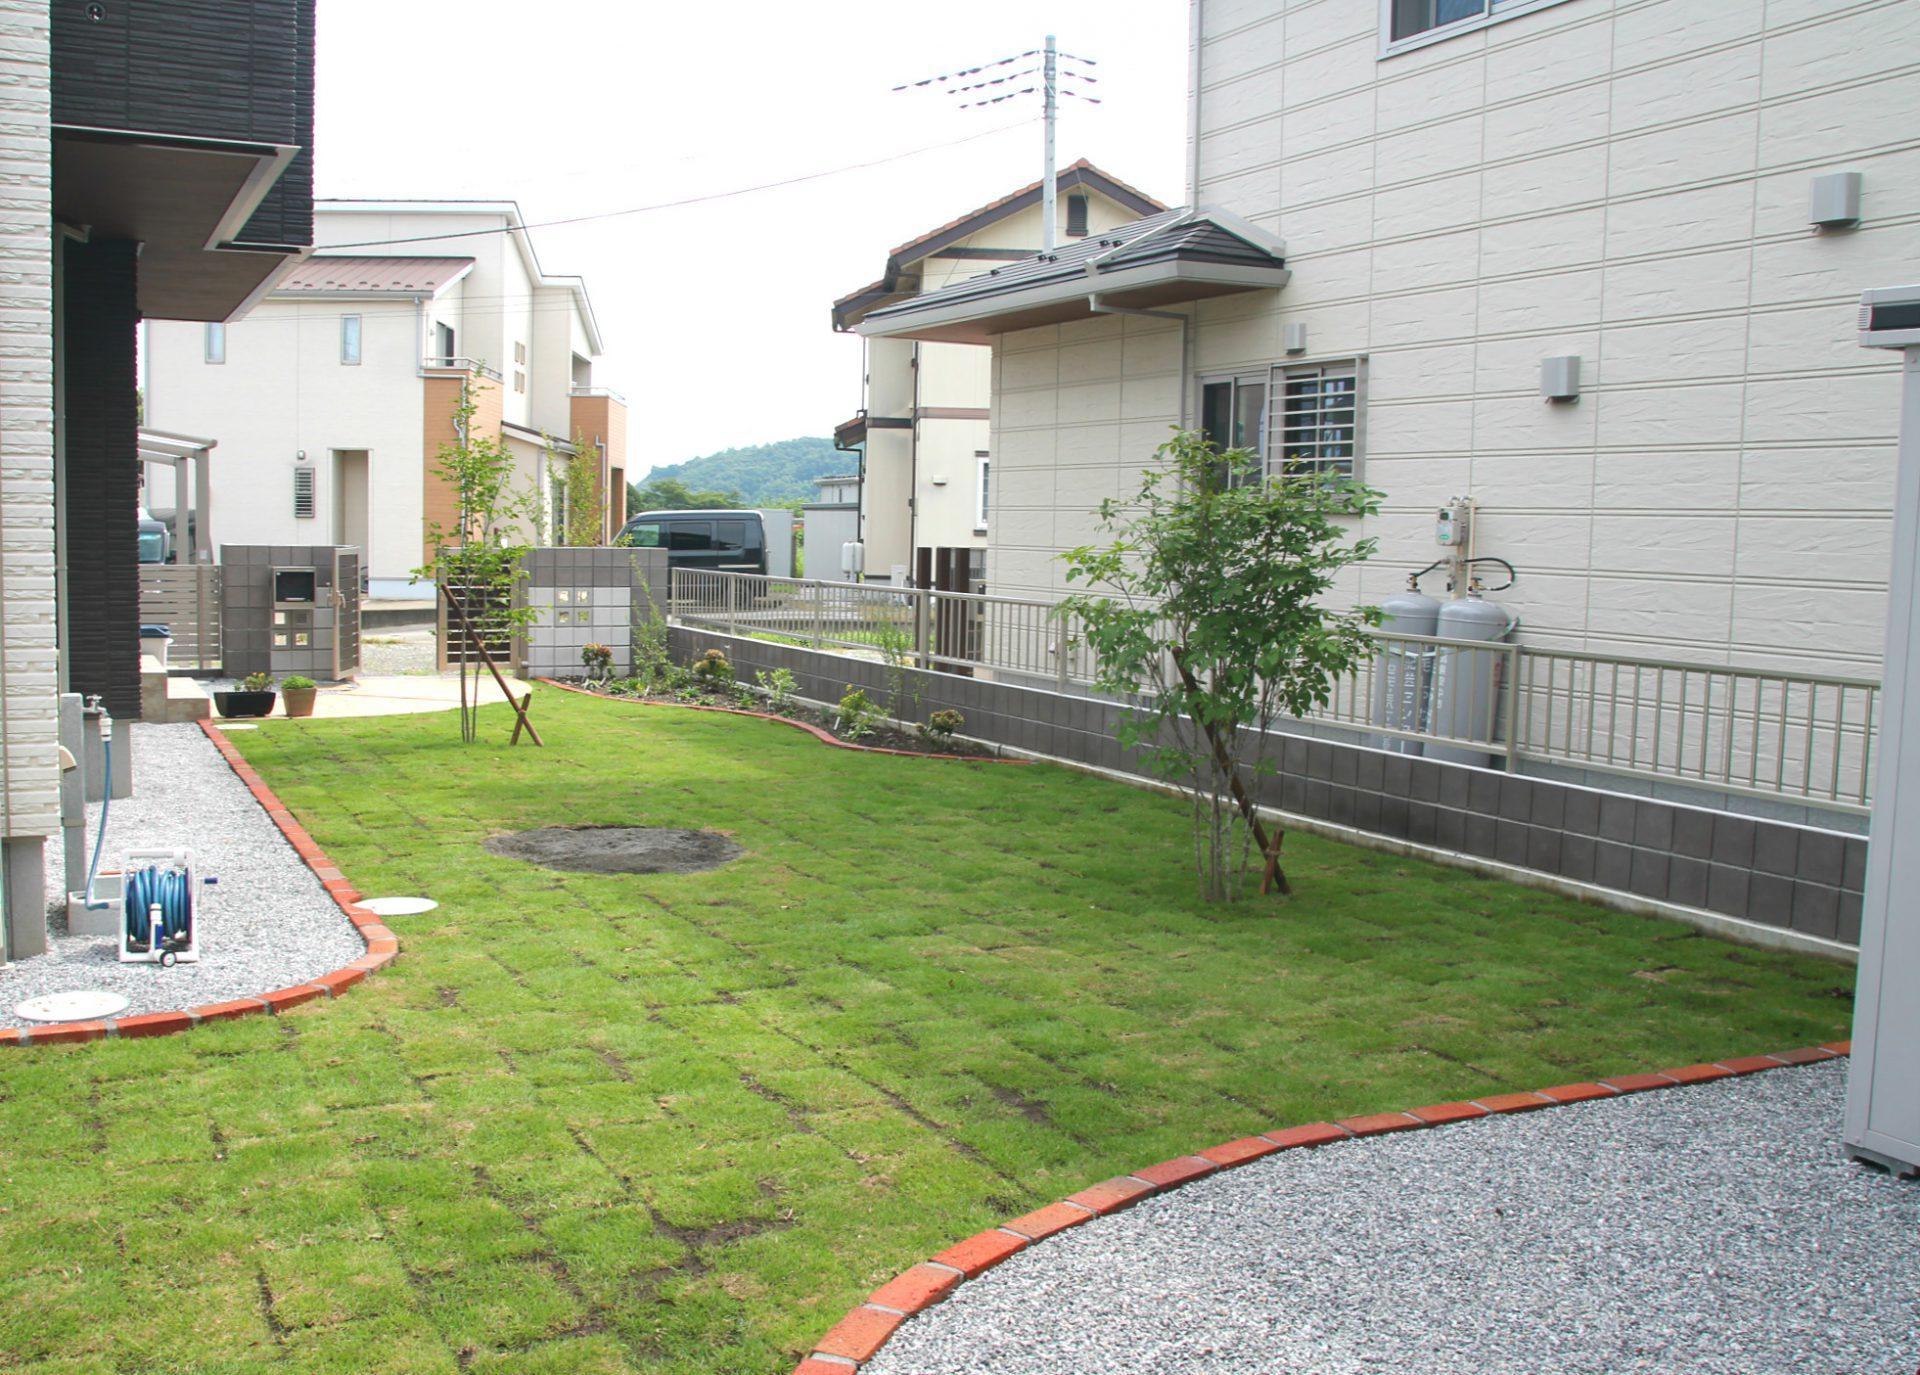 芝の中に砂場がある庭